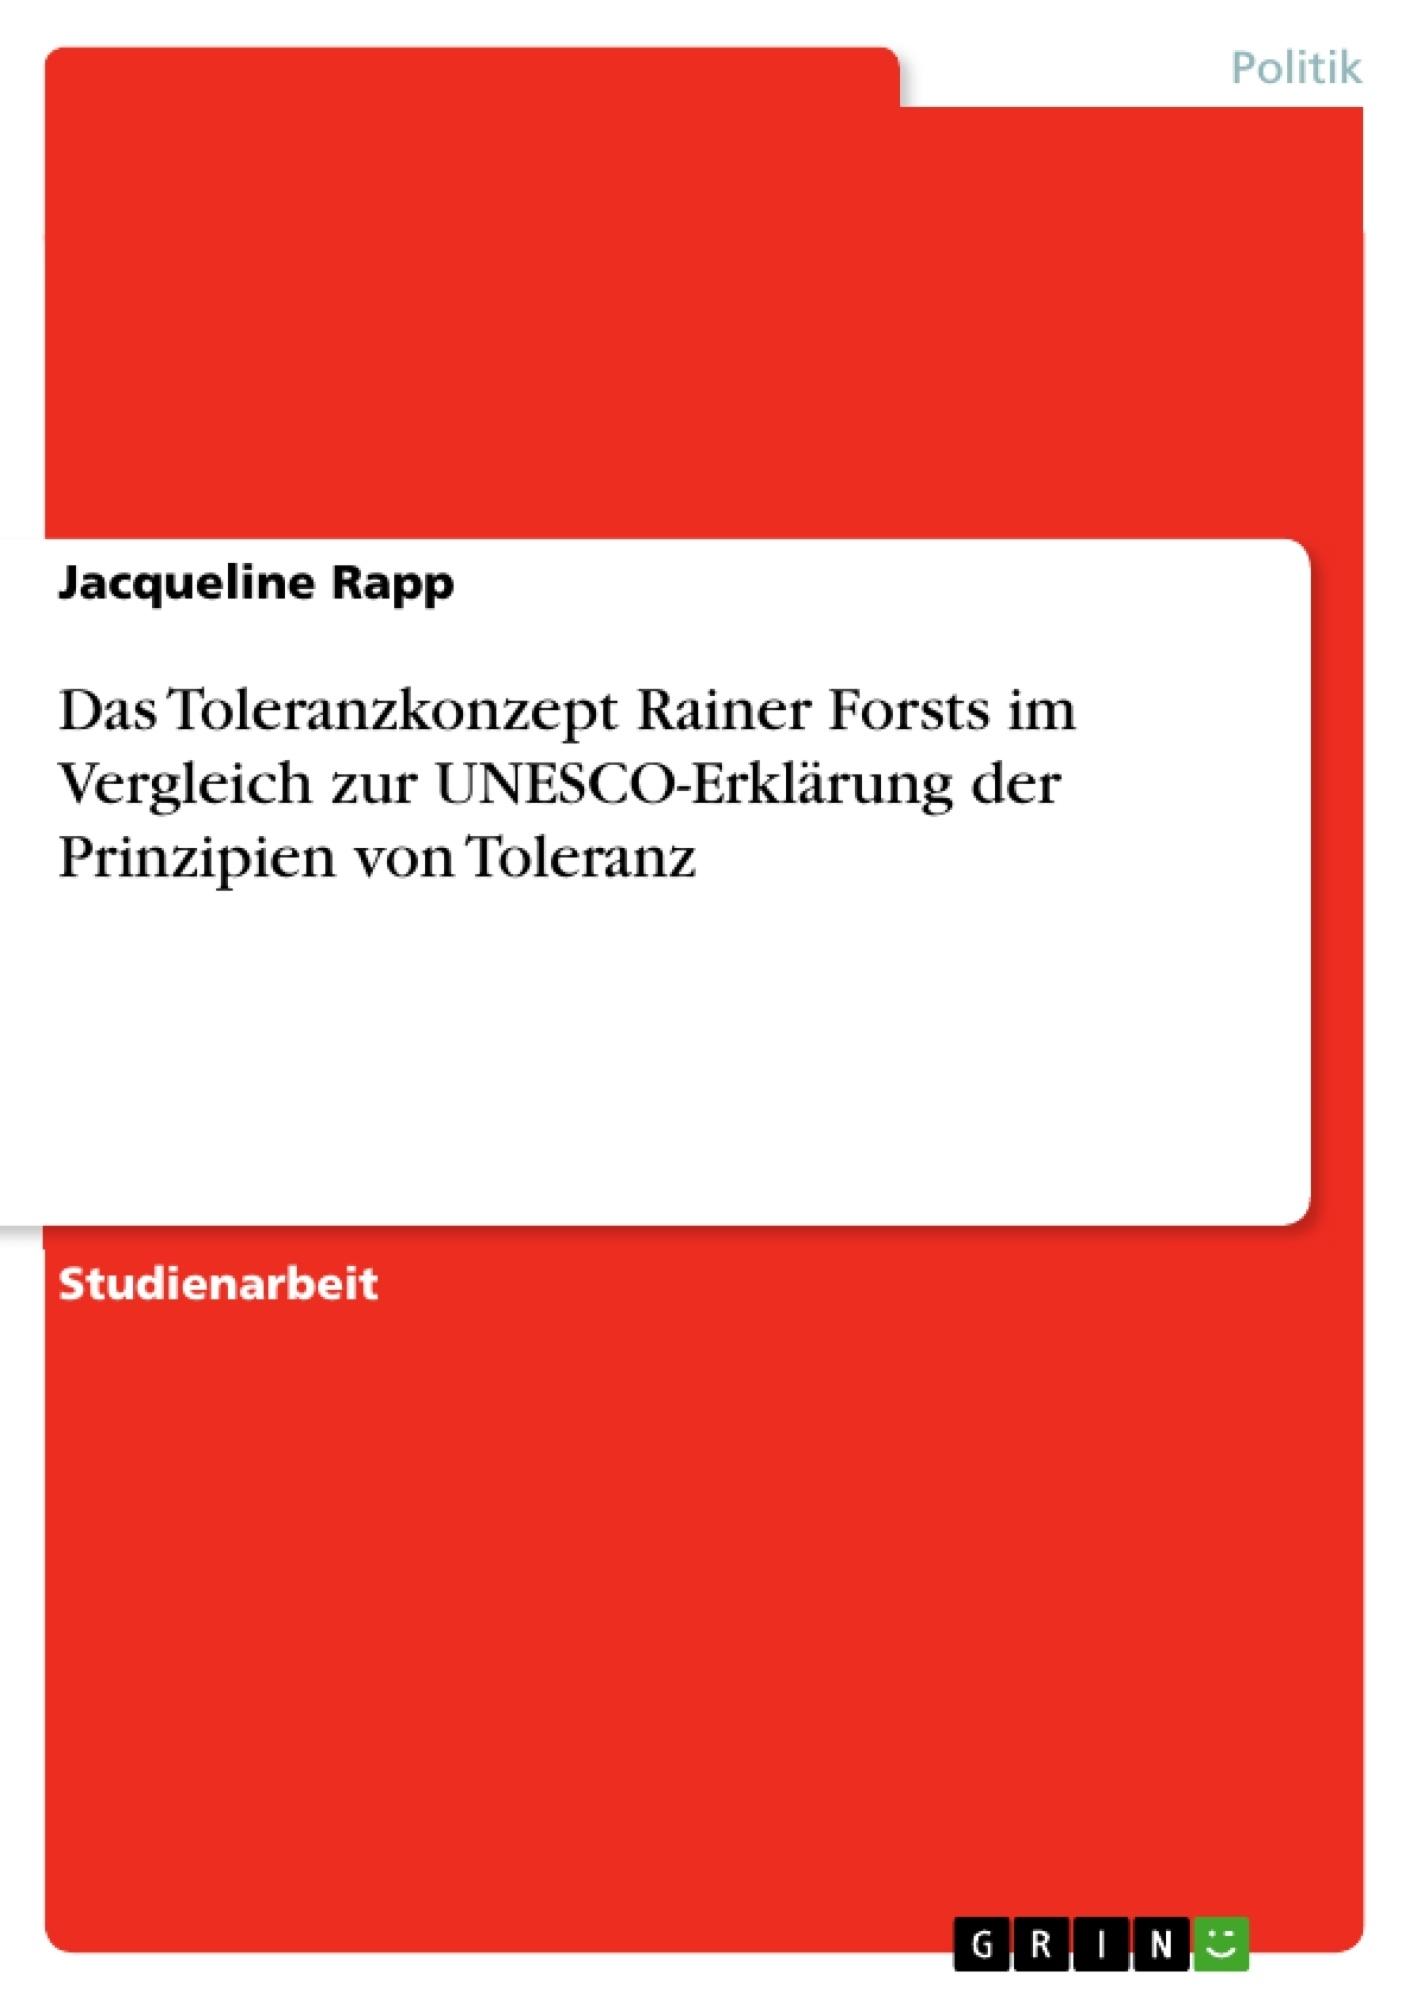 Titel: Das Toleranzkonzept Rainer Forsts im Vergleich zur UNESCO-Erklärung der Prinzipien von Toleranz